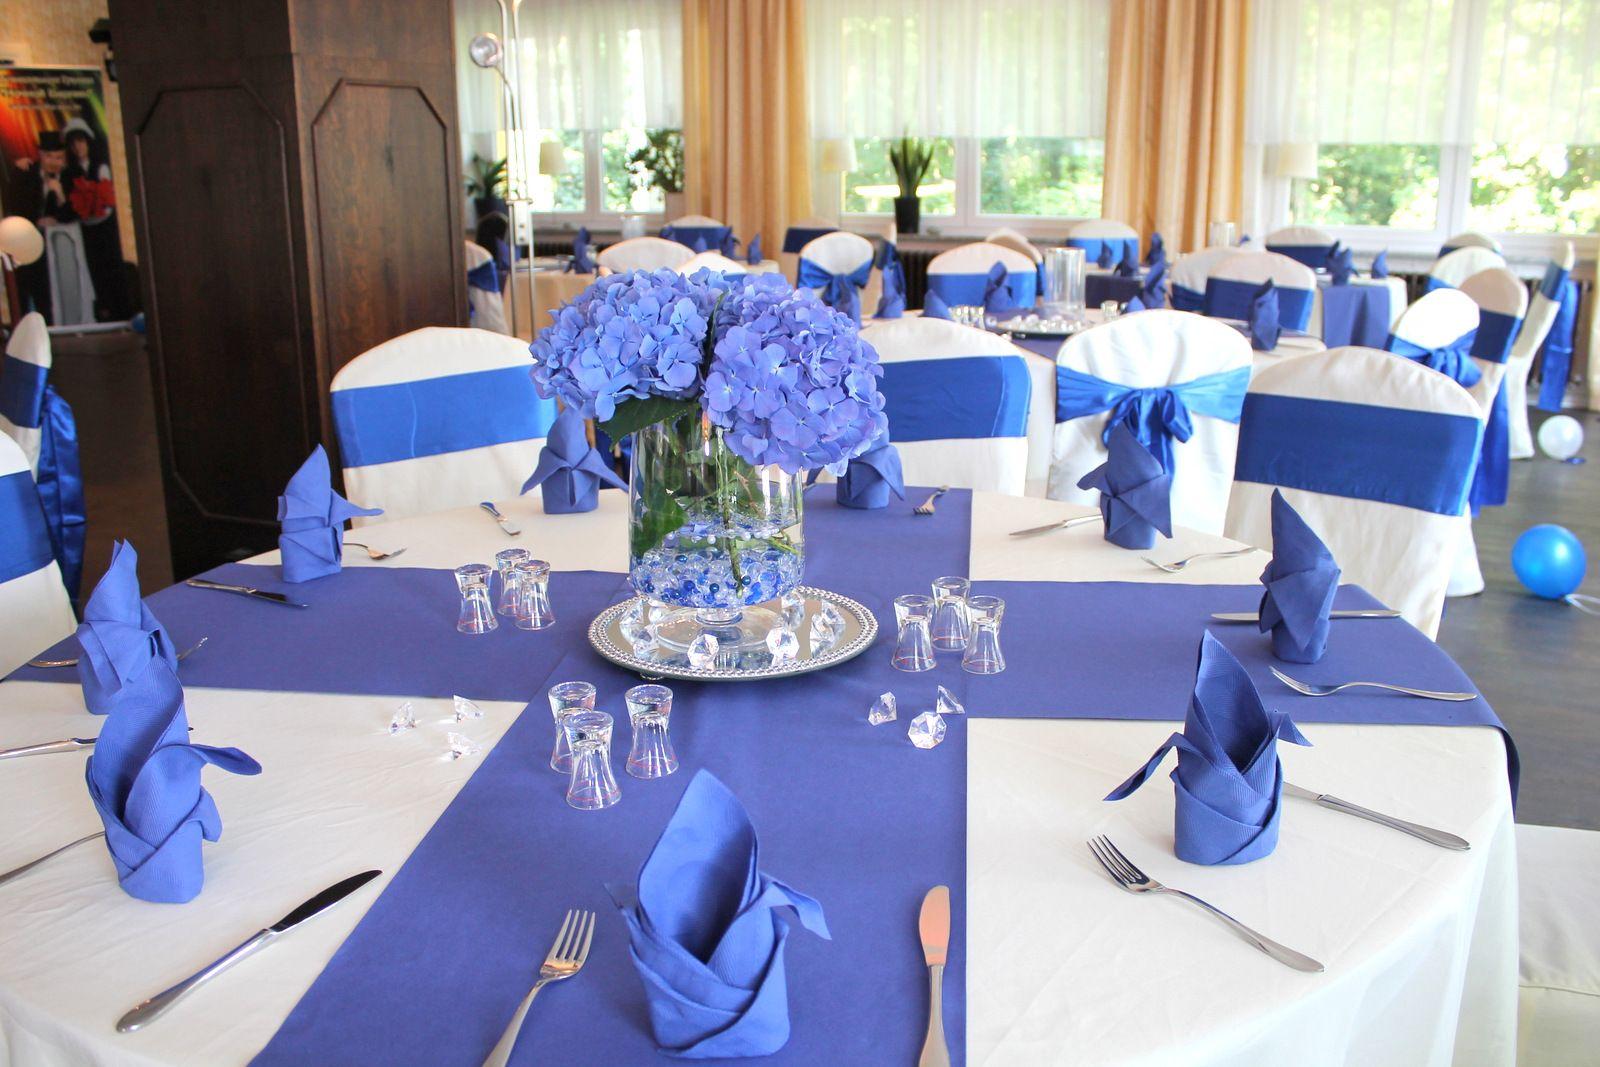 seeschloss am b tzsee hochzeit in k nigsblau dekoration zur hochzeit pinterest wedding. Black Bedroom Furniture Sets. Home Design Ideas